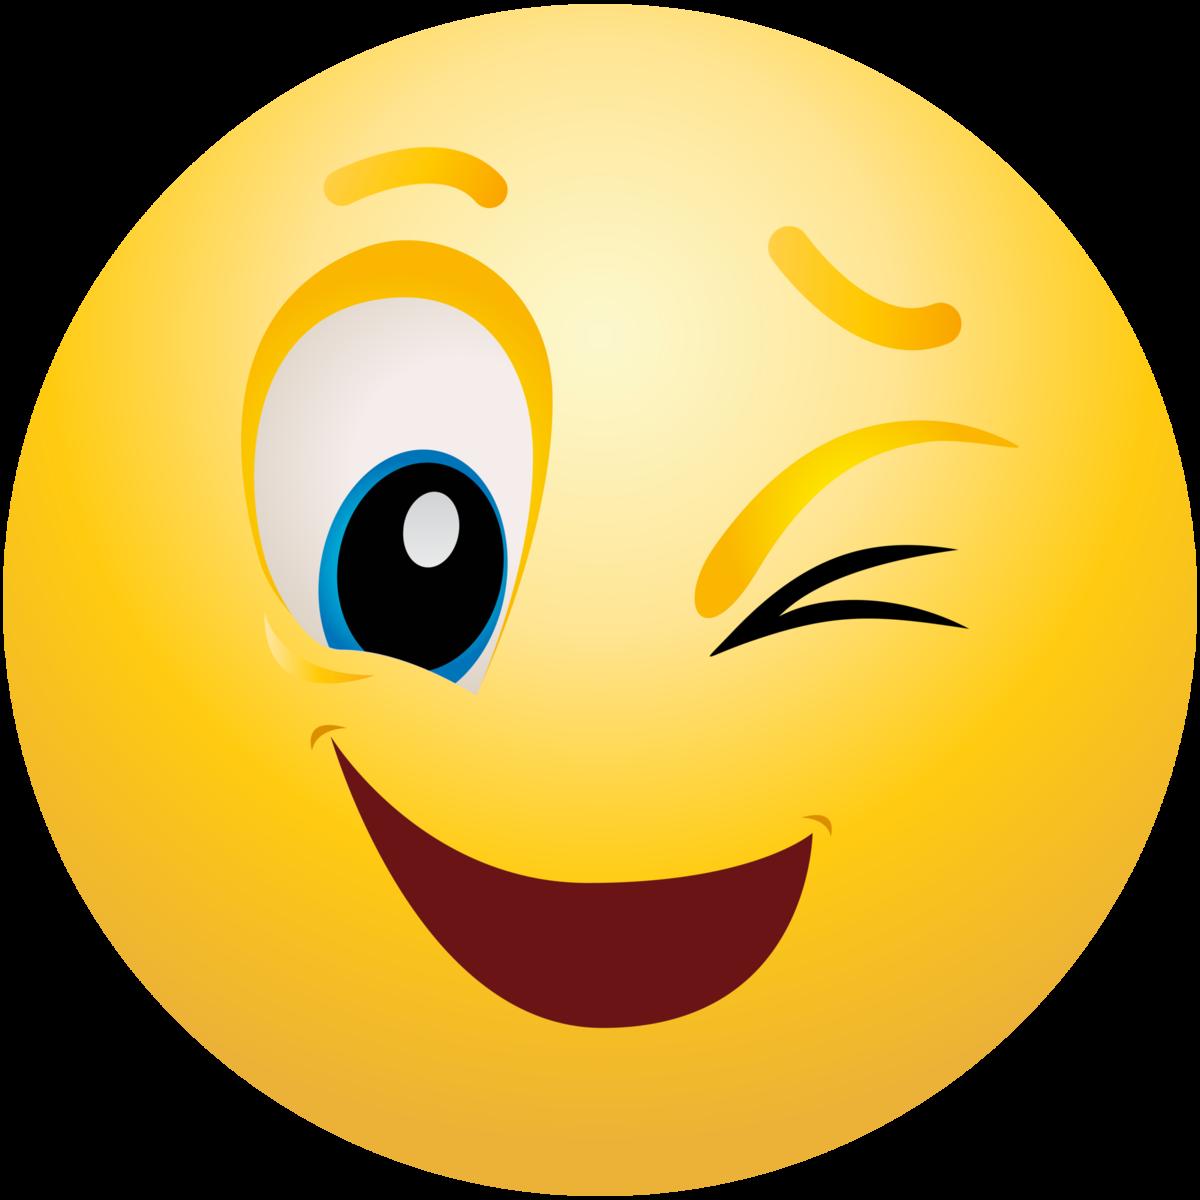 Картинка смайлика веселого